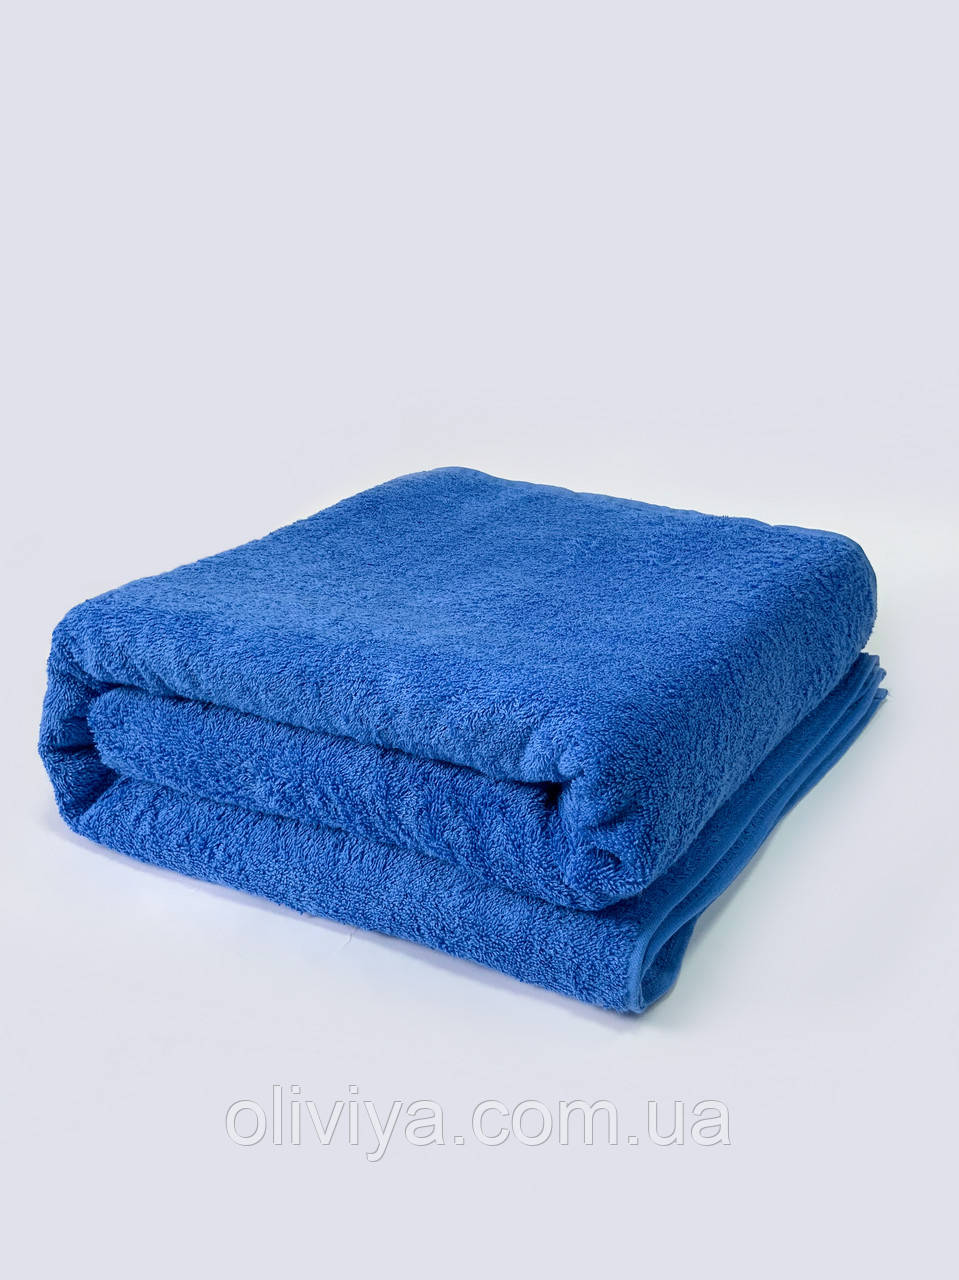 Массажное полотенце синего цвета (электрик) 100х180